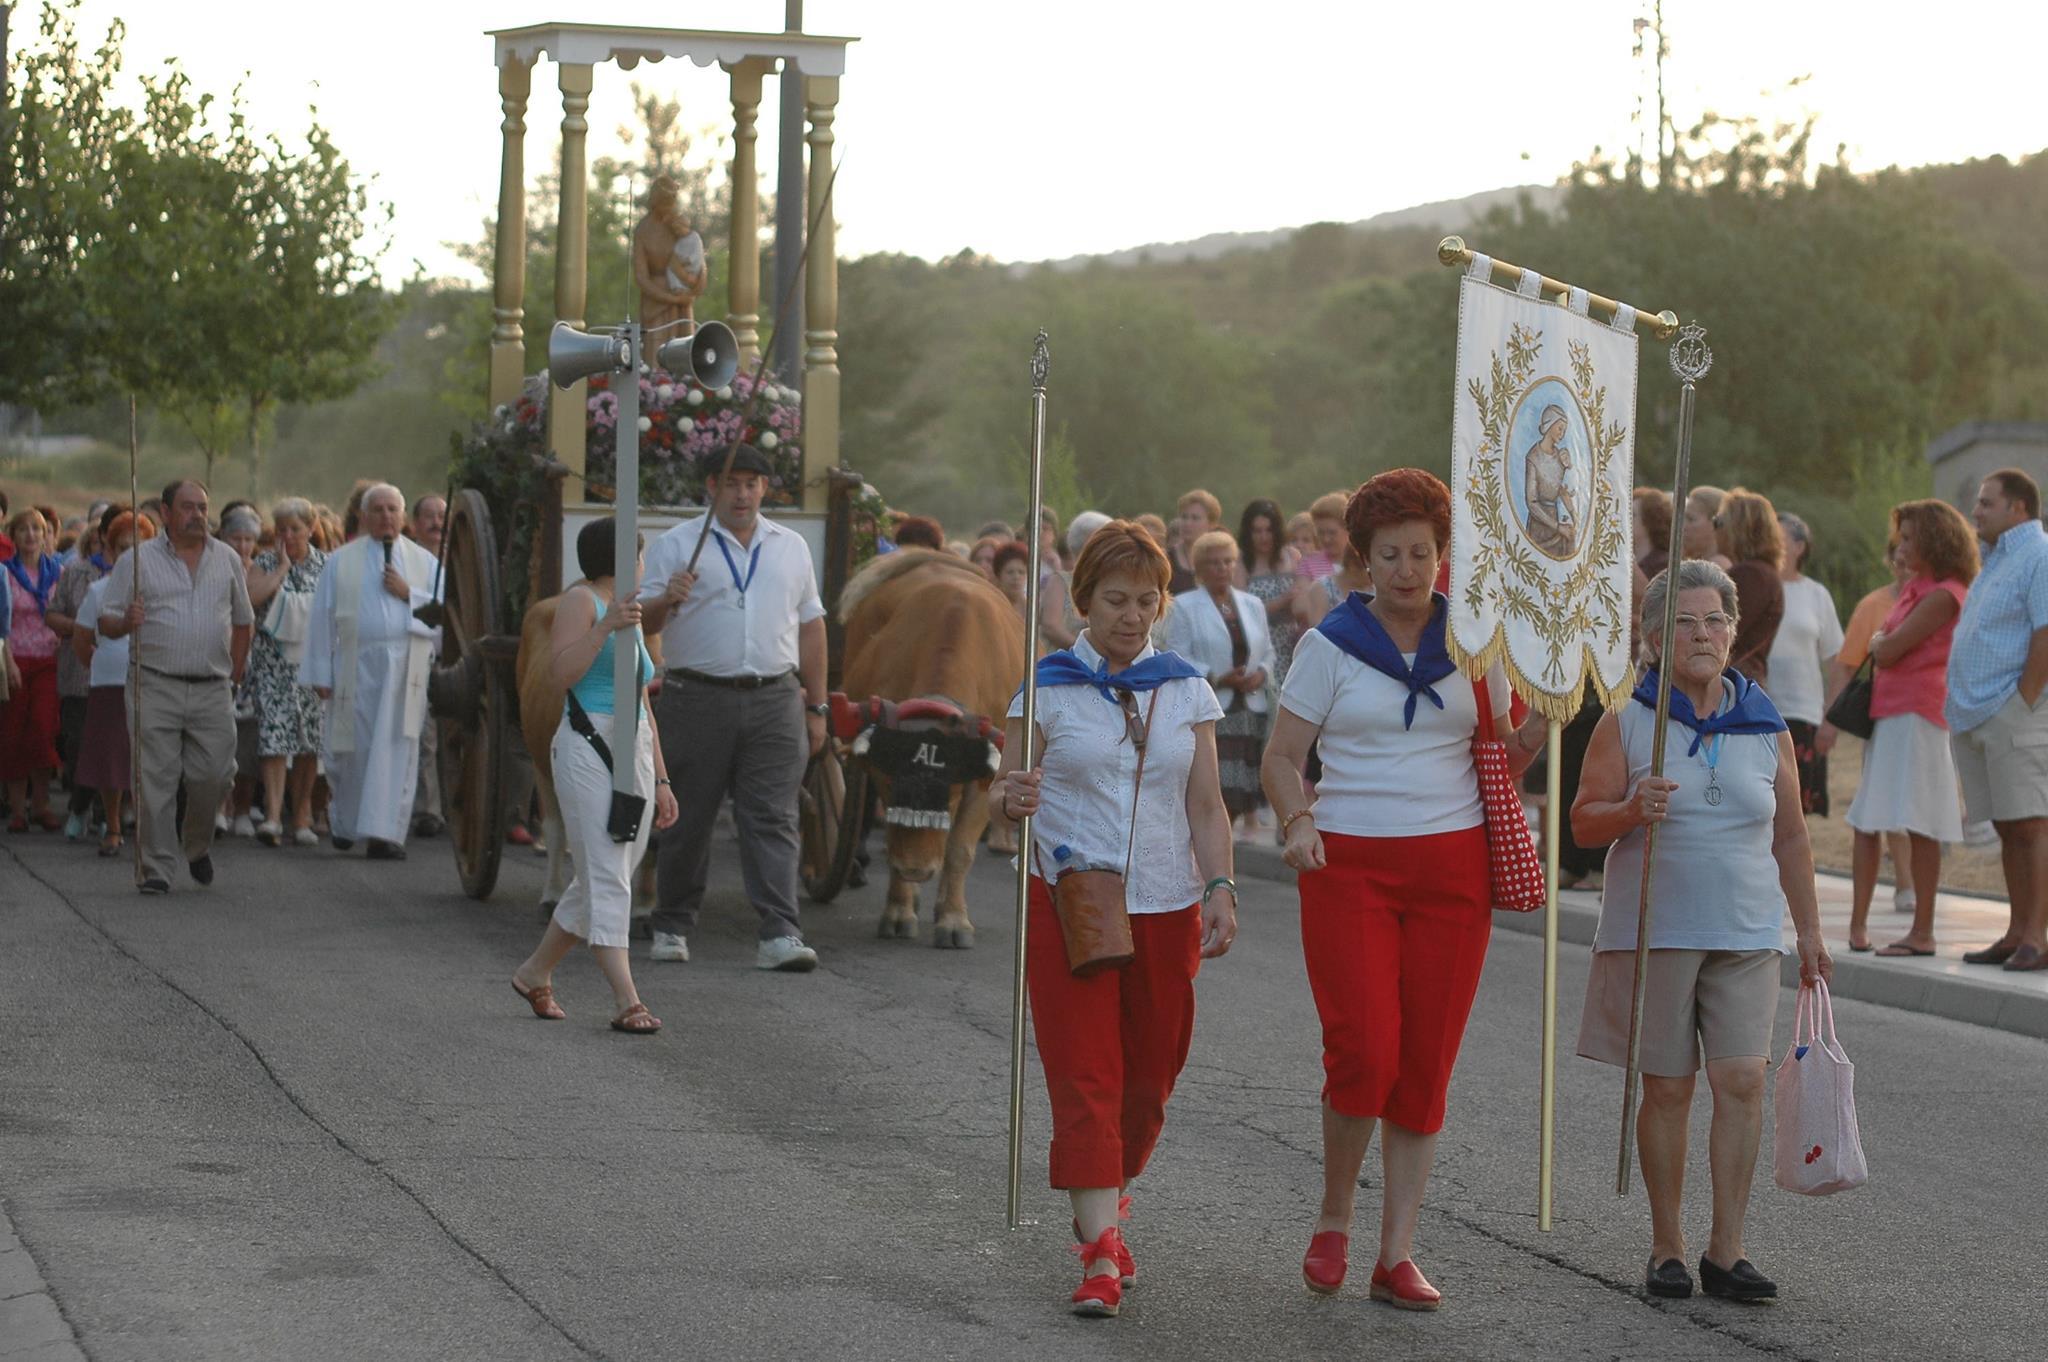 Fiestas en Guadarrama (1) (Copy)